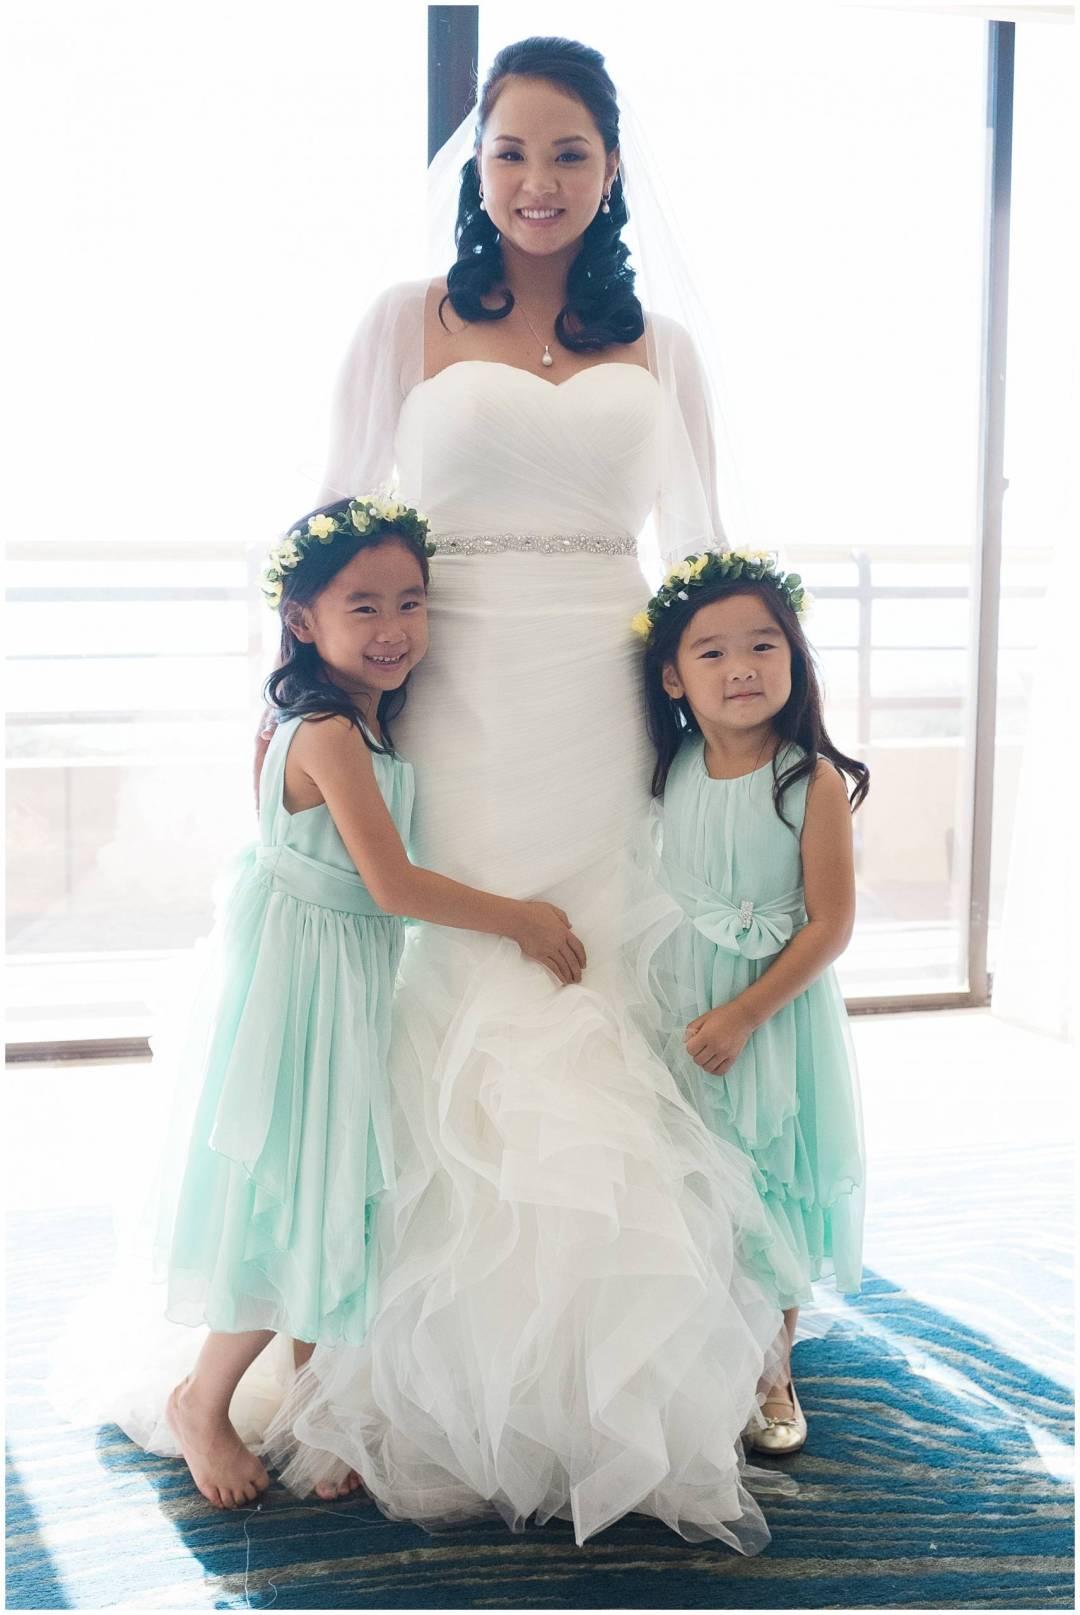 Ha & Allen Wedding Third Element Photography & Cinema Pismo Beach Cliffs Resort Central Coast Hybrid Film Wedding Photographer_0022